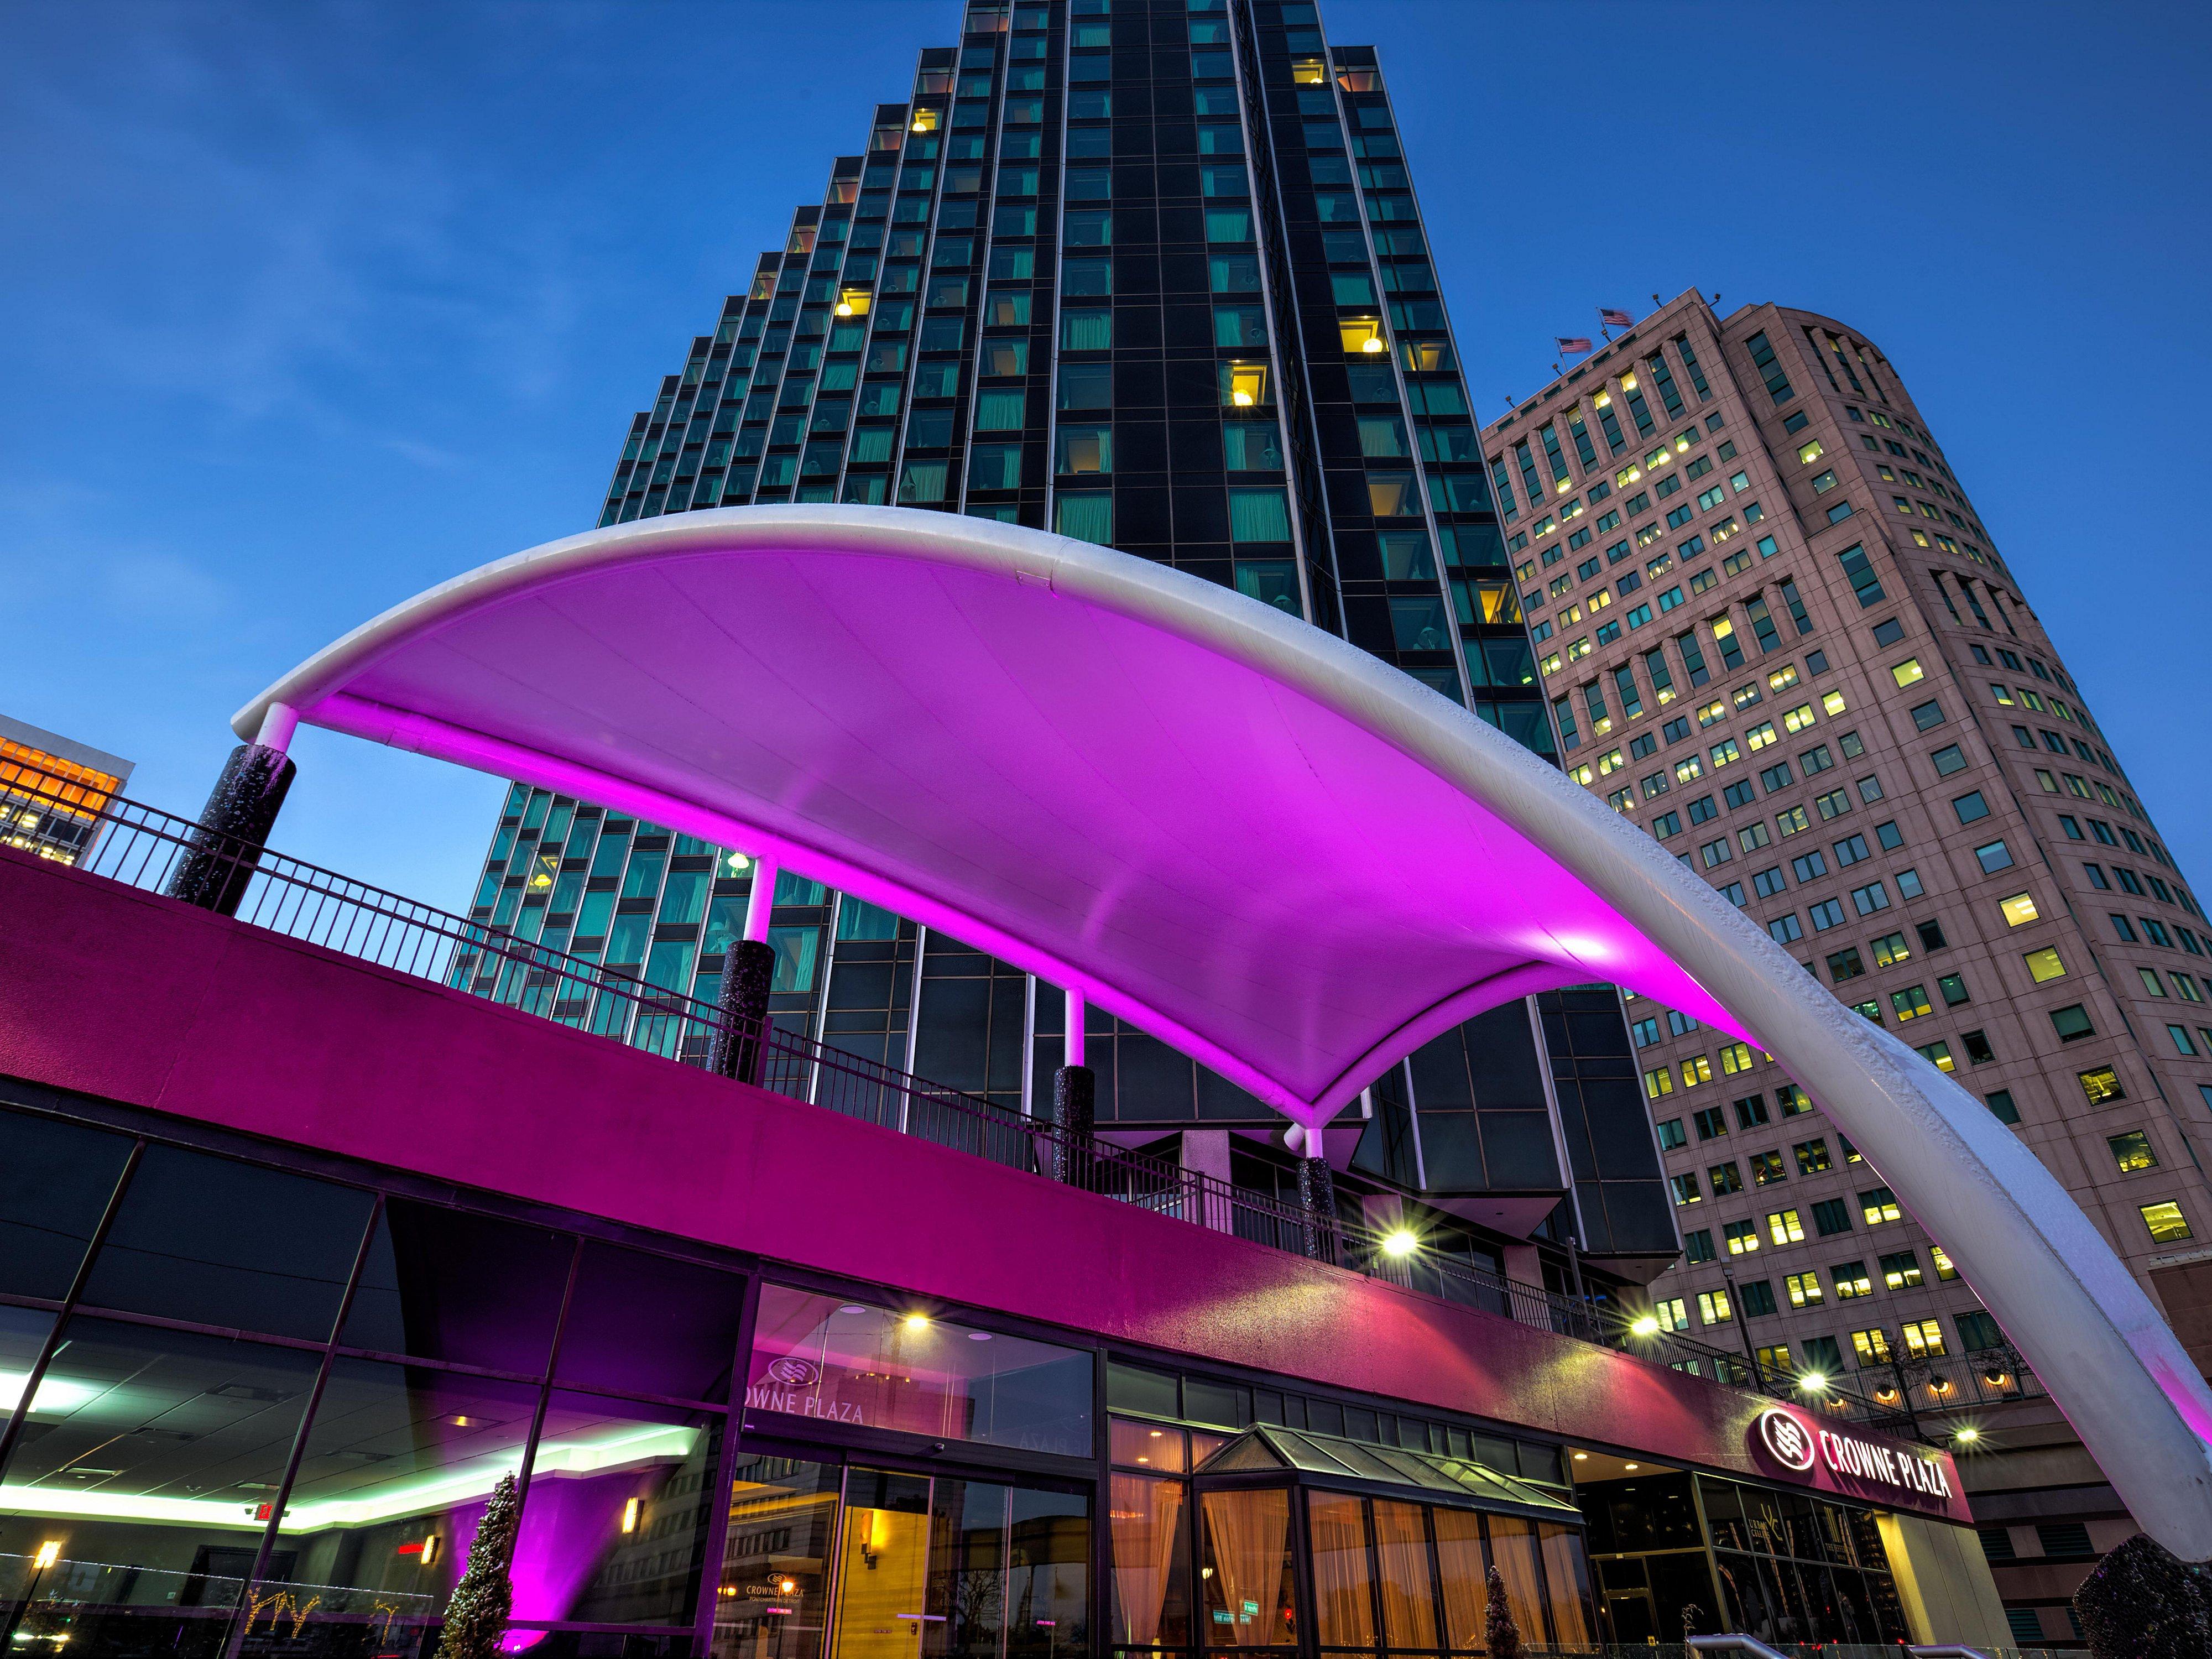 detroit hotels near ford field crowne plaza detroit downtown riverfront detroit hotels near ford field crowne